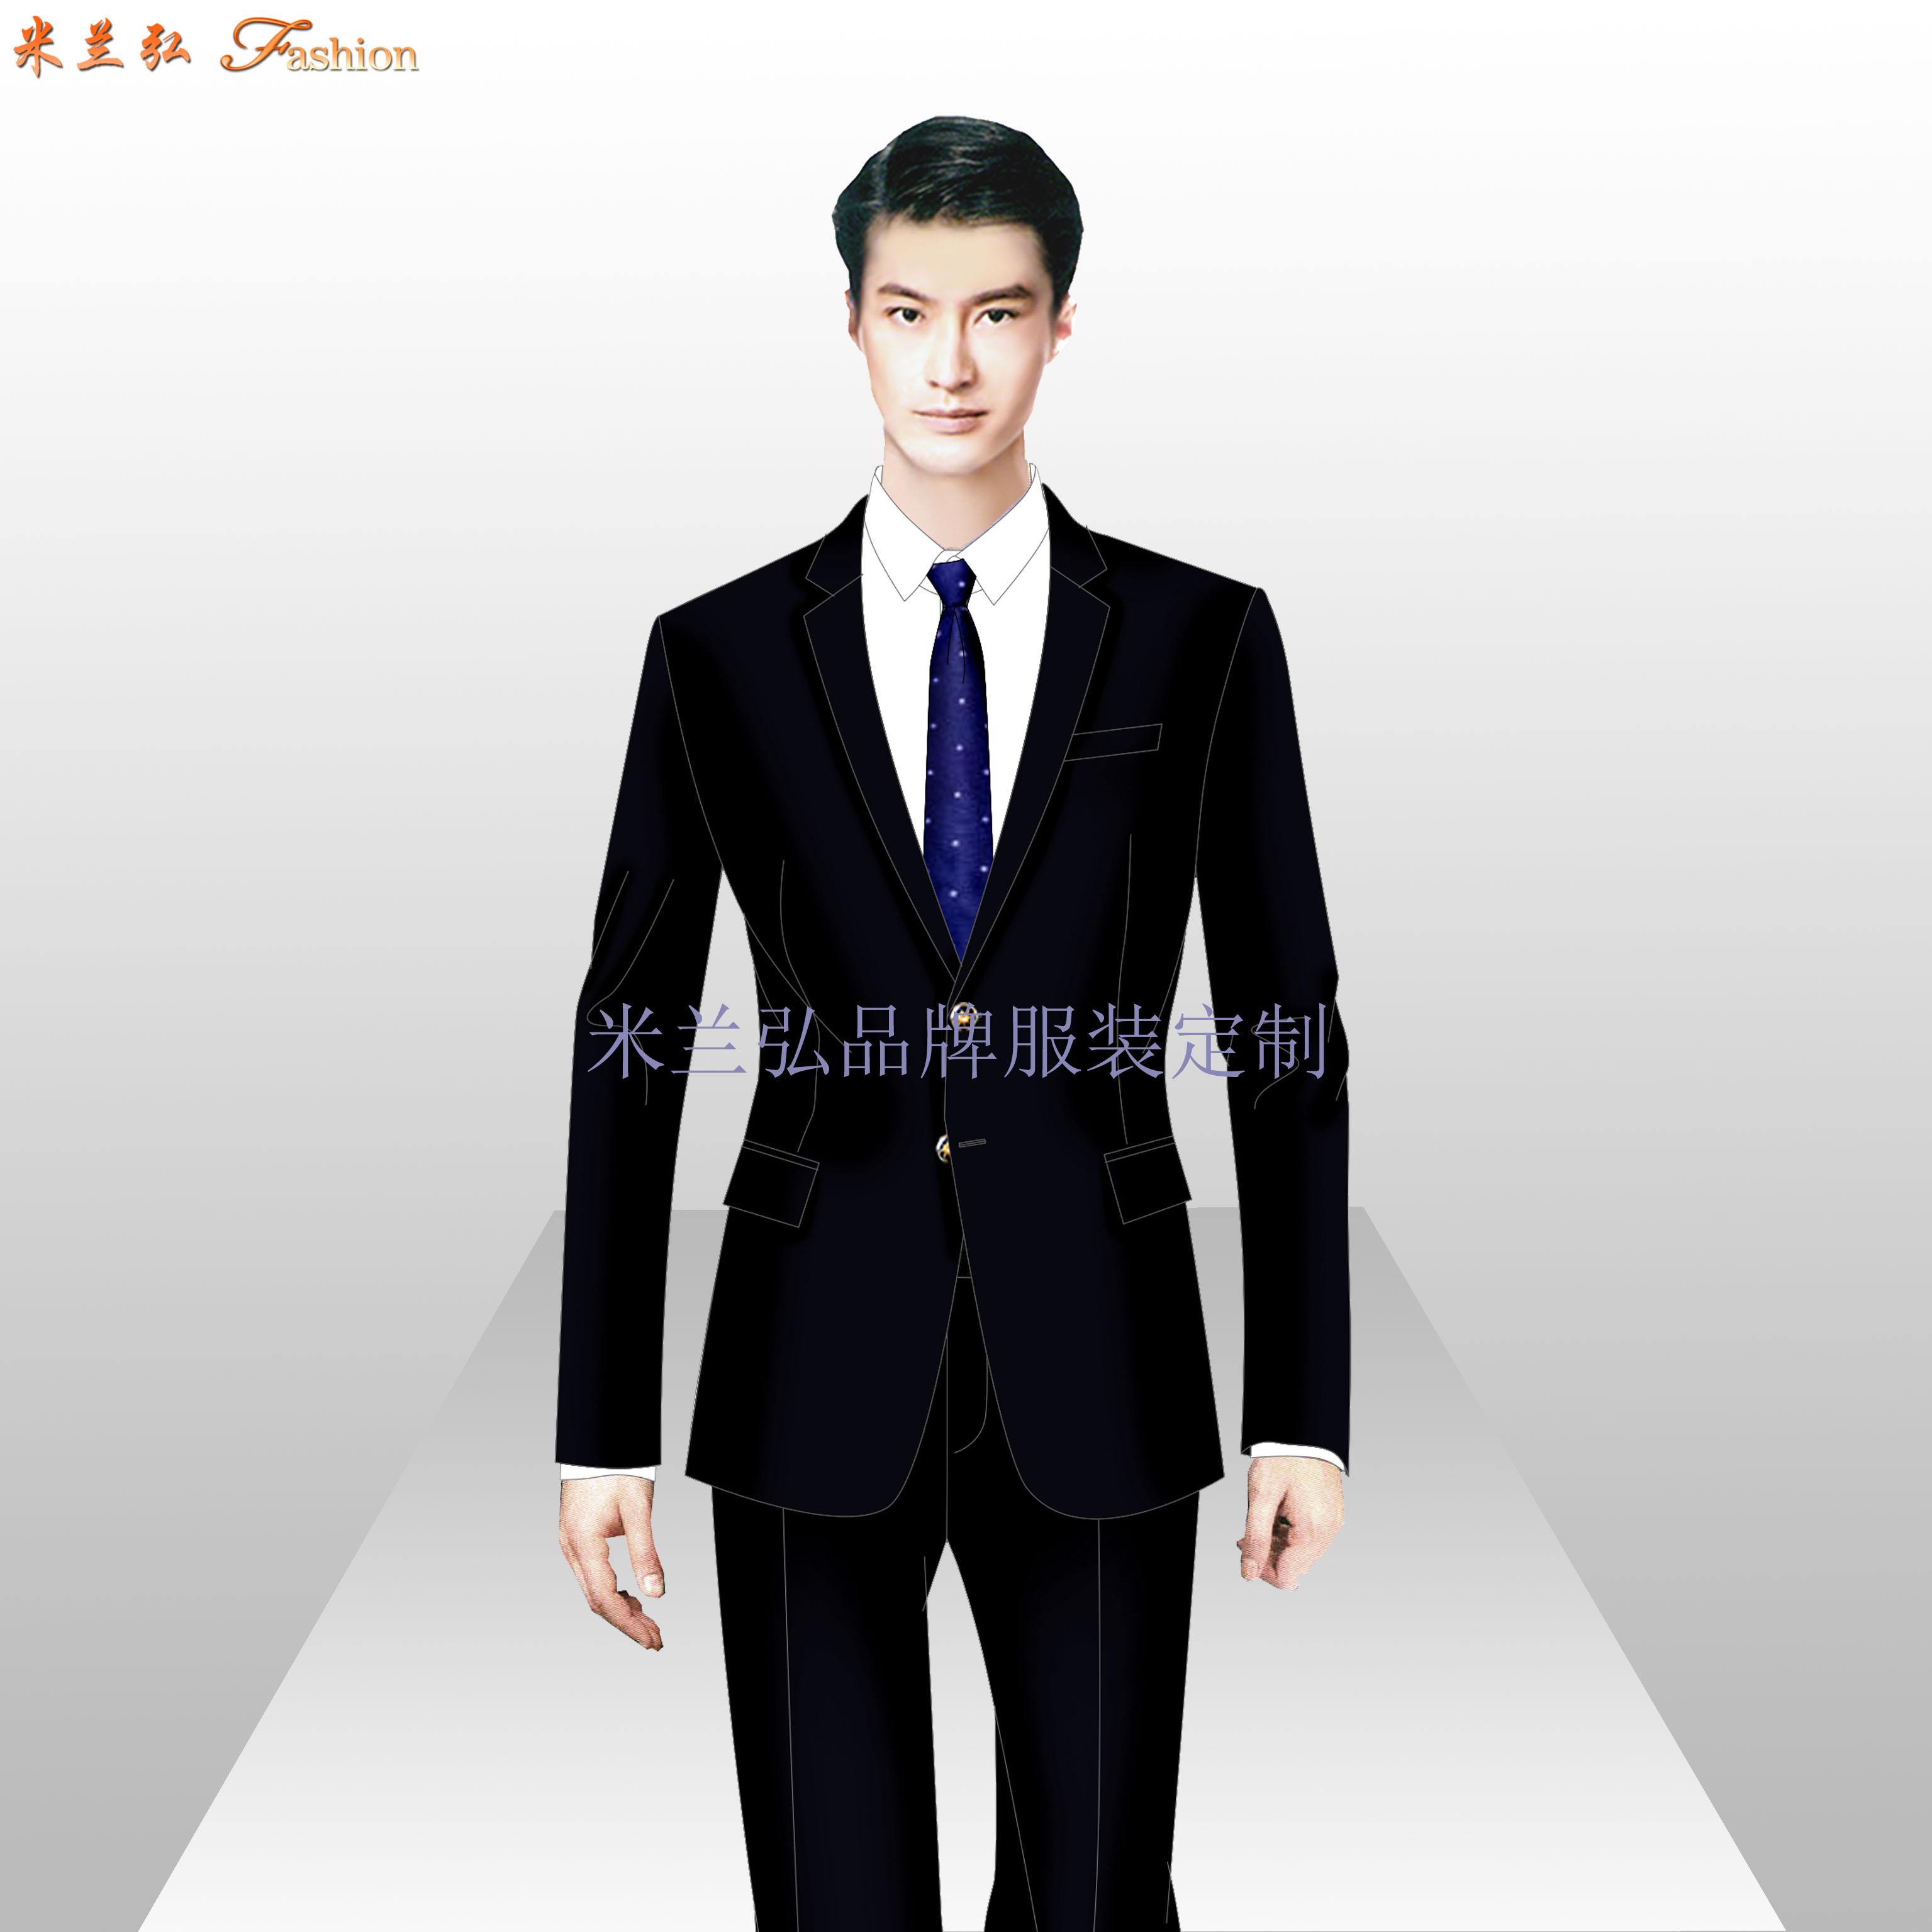 西城區西服定制_北京西城職業裝訂做-米蘭弘服裝廠家-5